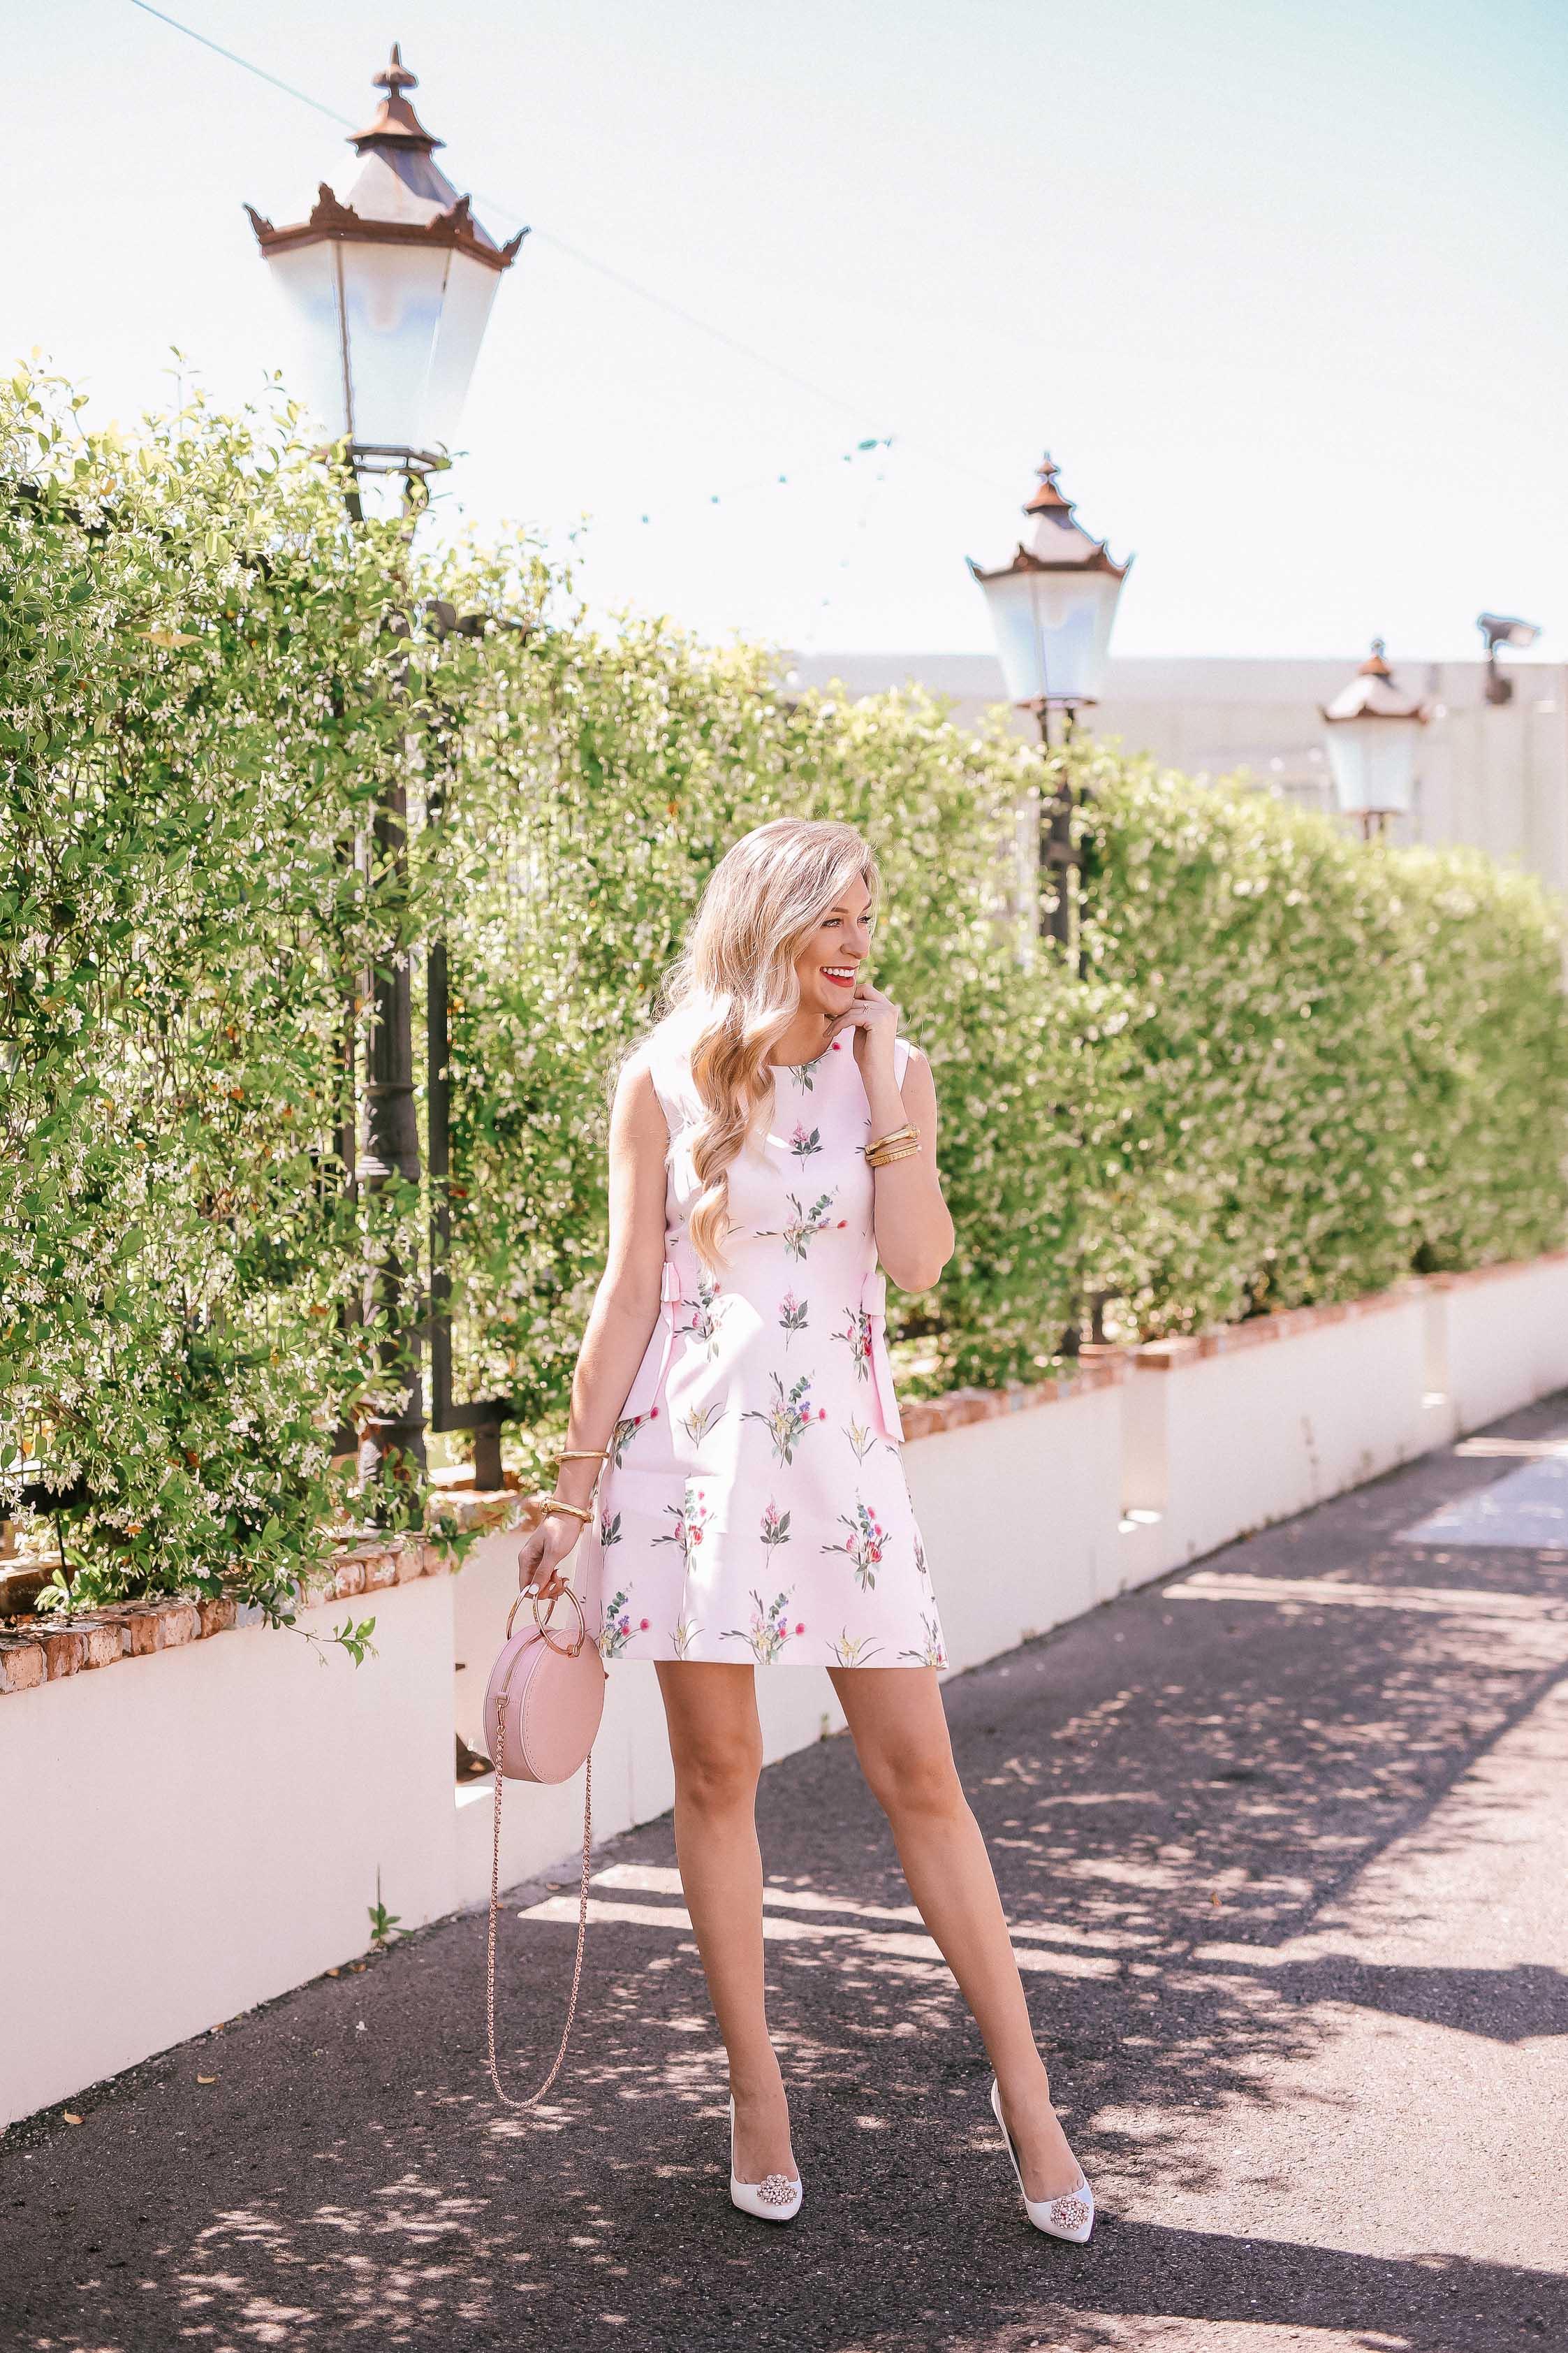 Ted Baker Floral Dress | Spring's Best Floral Dresses